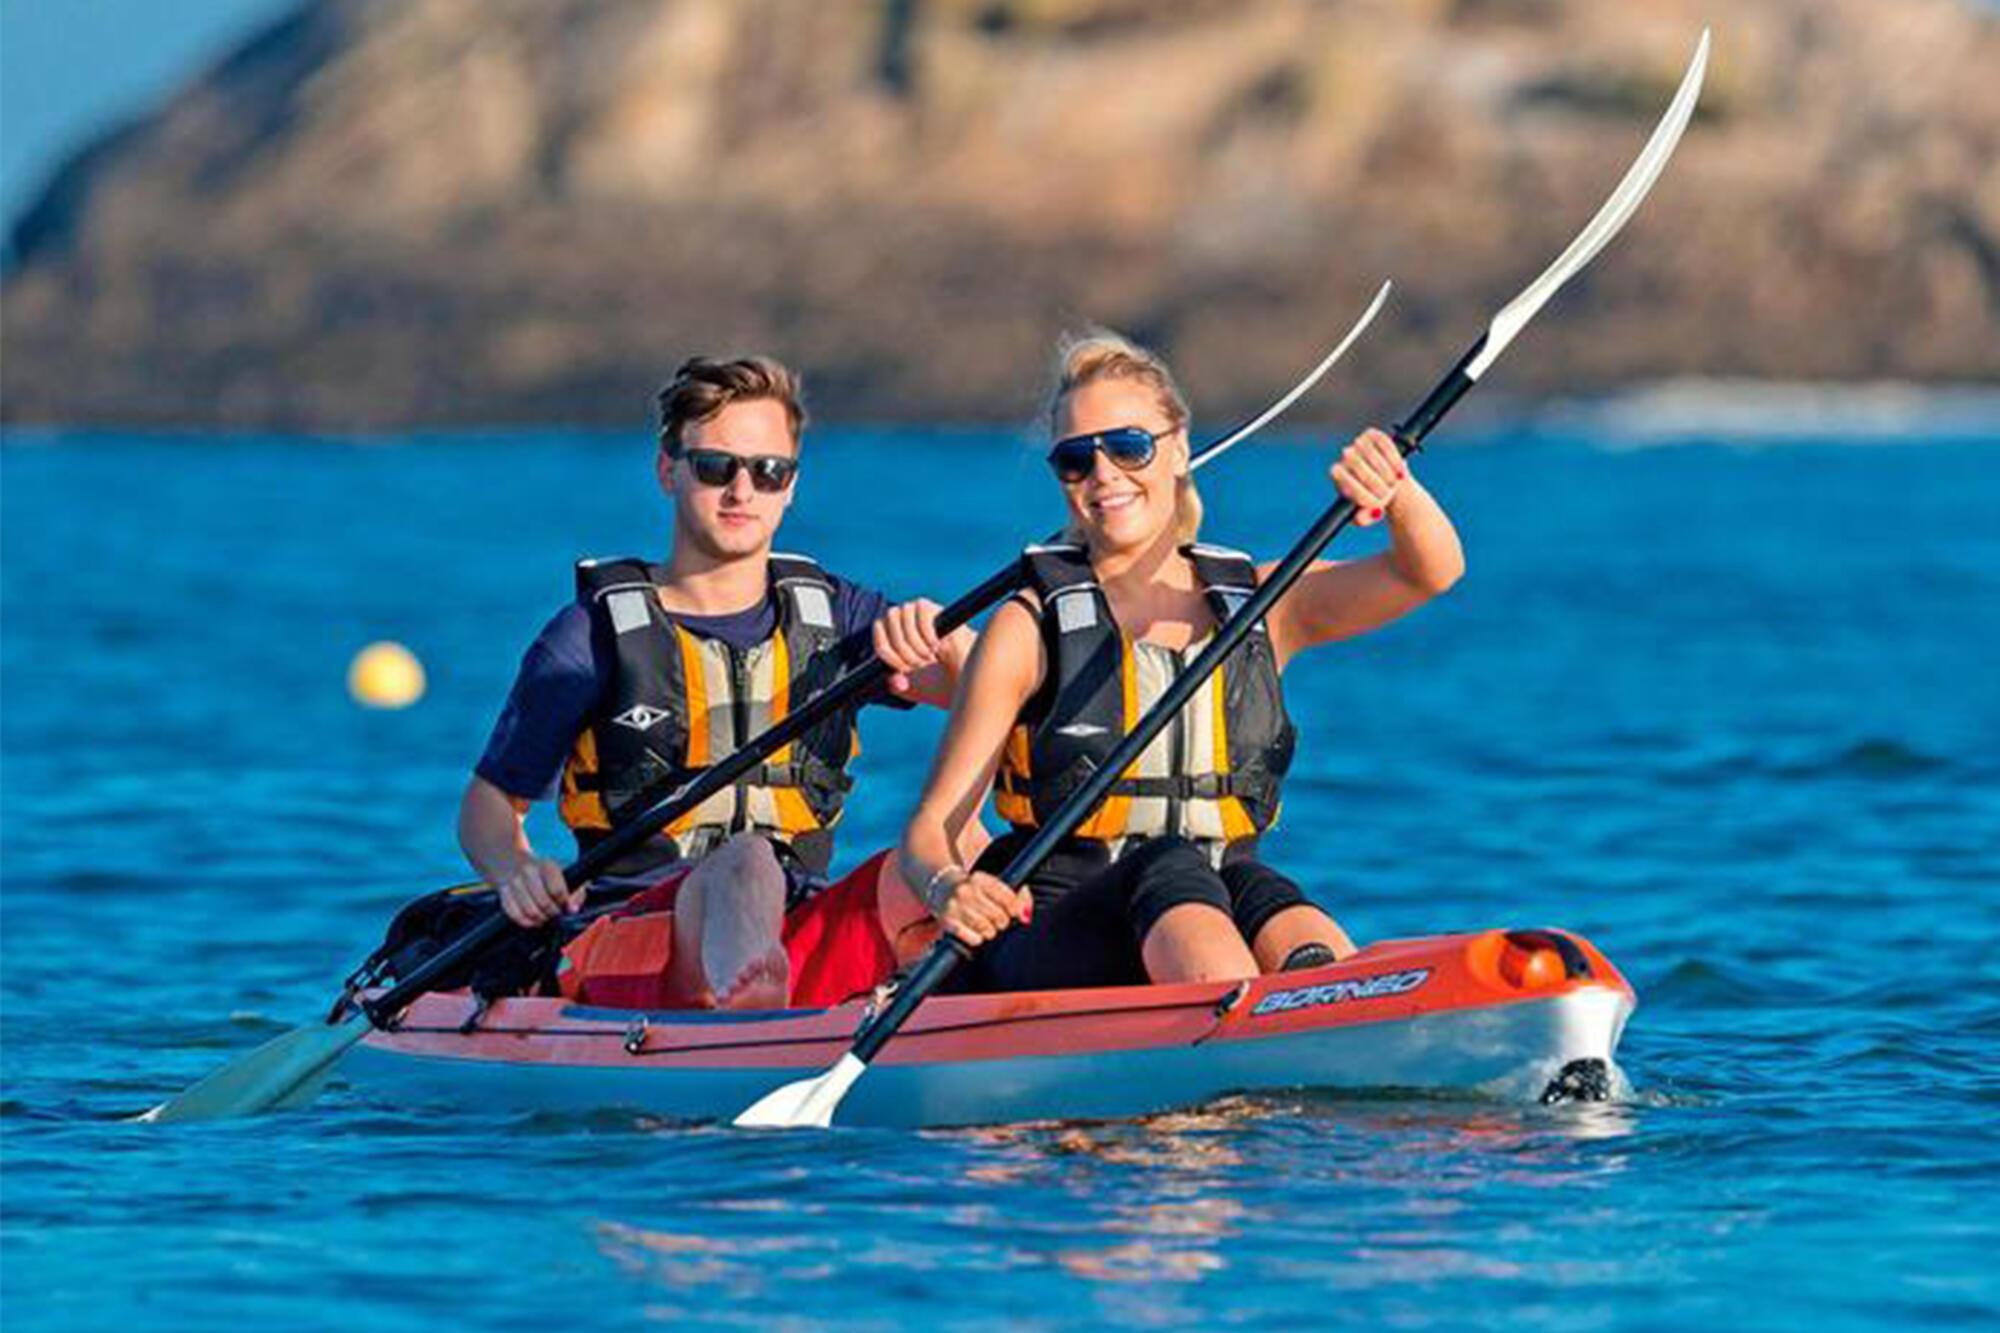 Kayak Outdoor 6.jpg